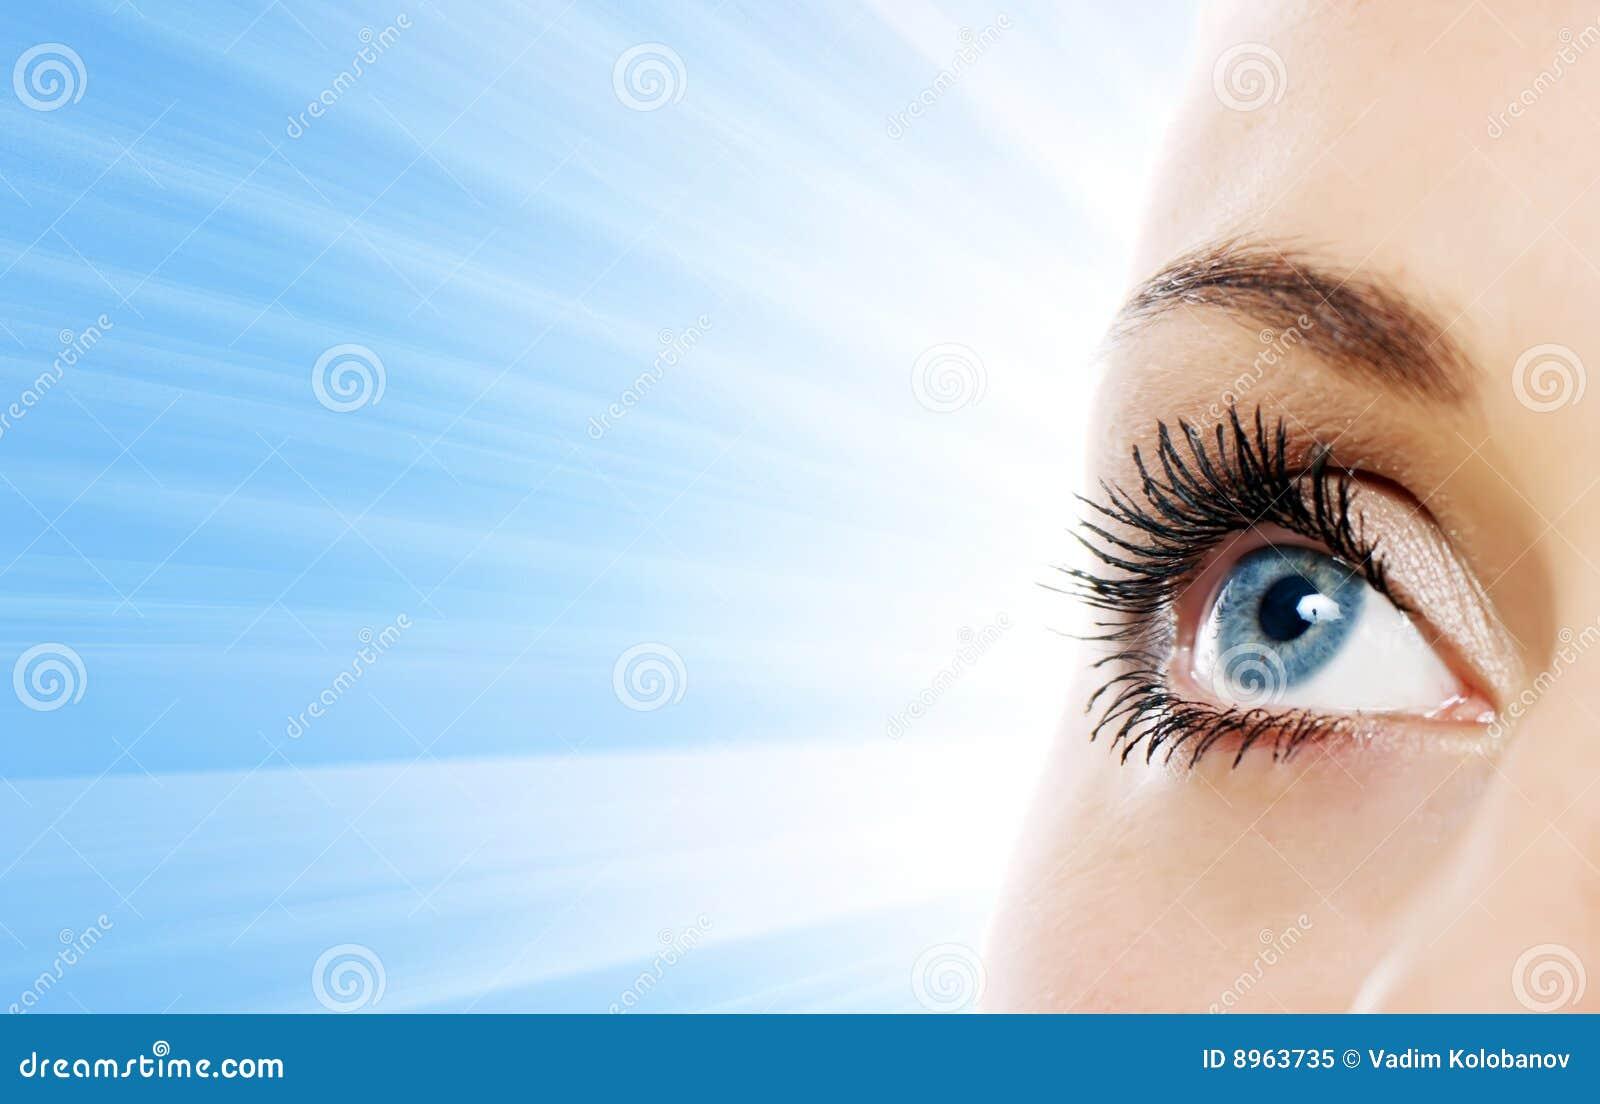 接近的眼睛视图妇女